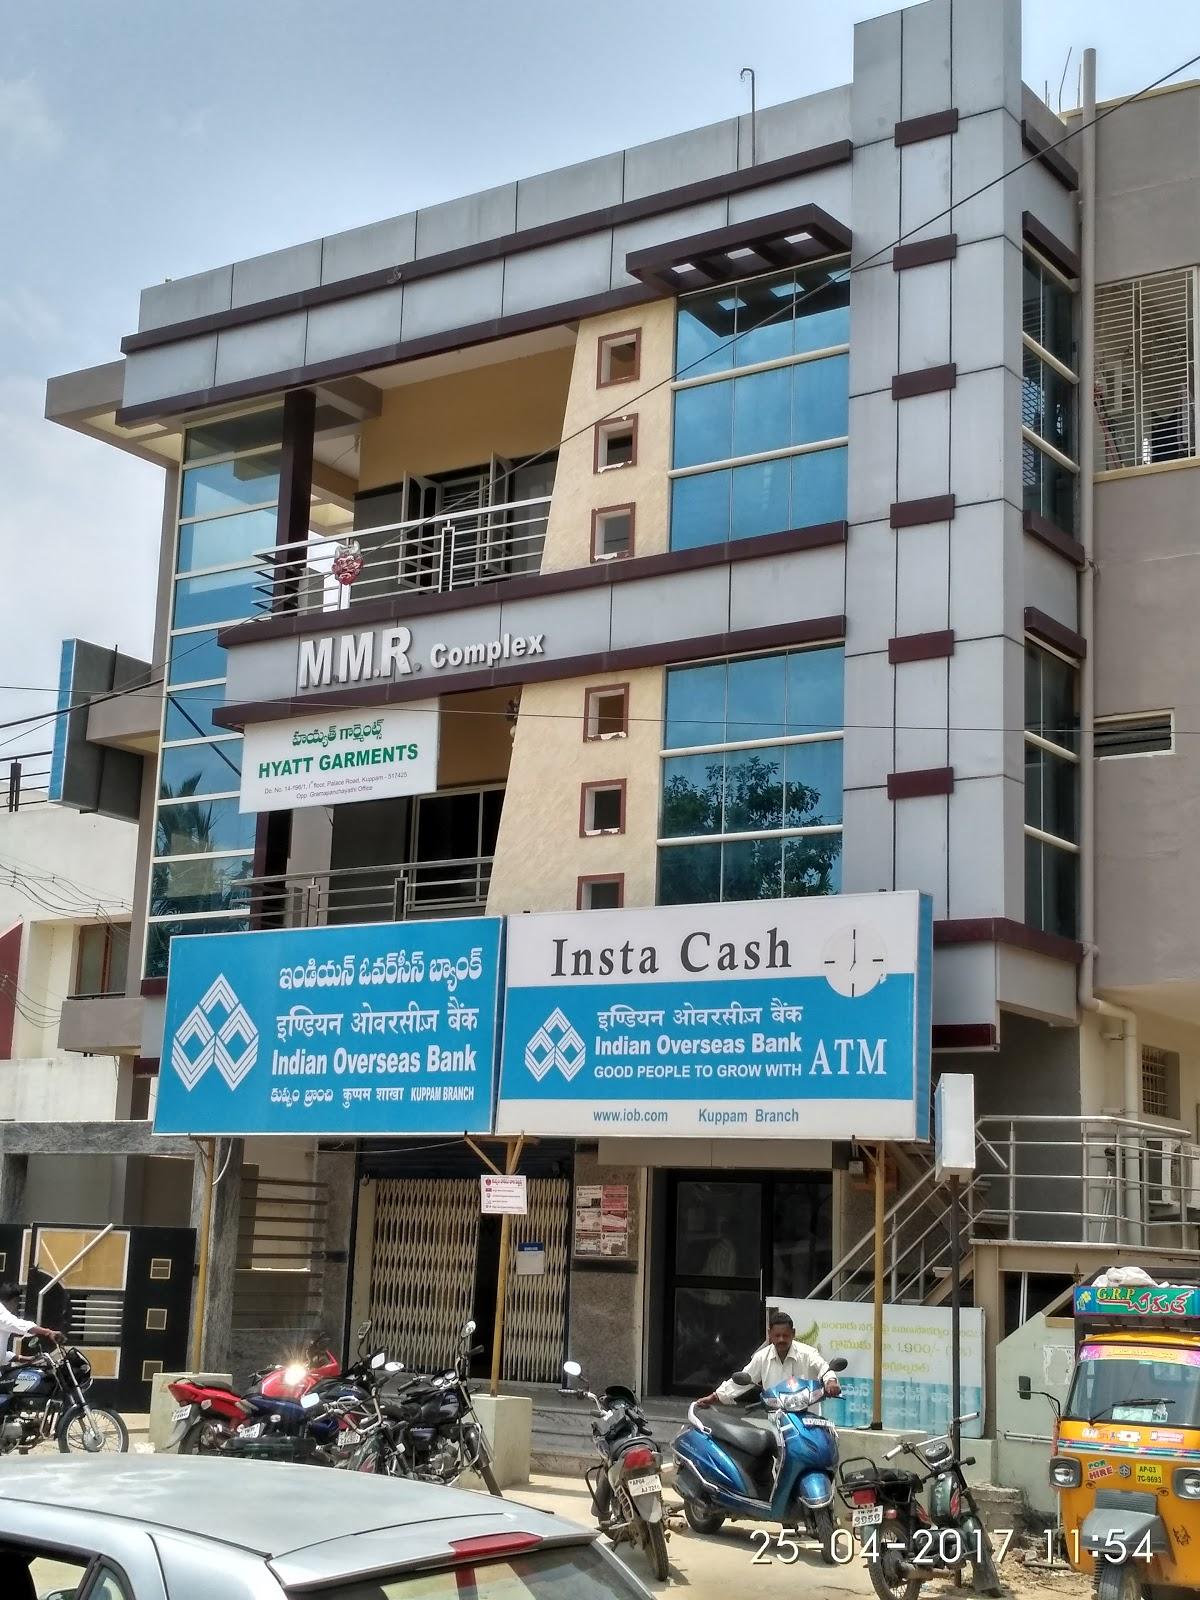 blood bank Indian Overseas Bank near Kuppam Andhra Pradesh